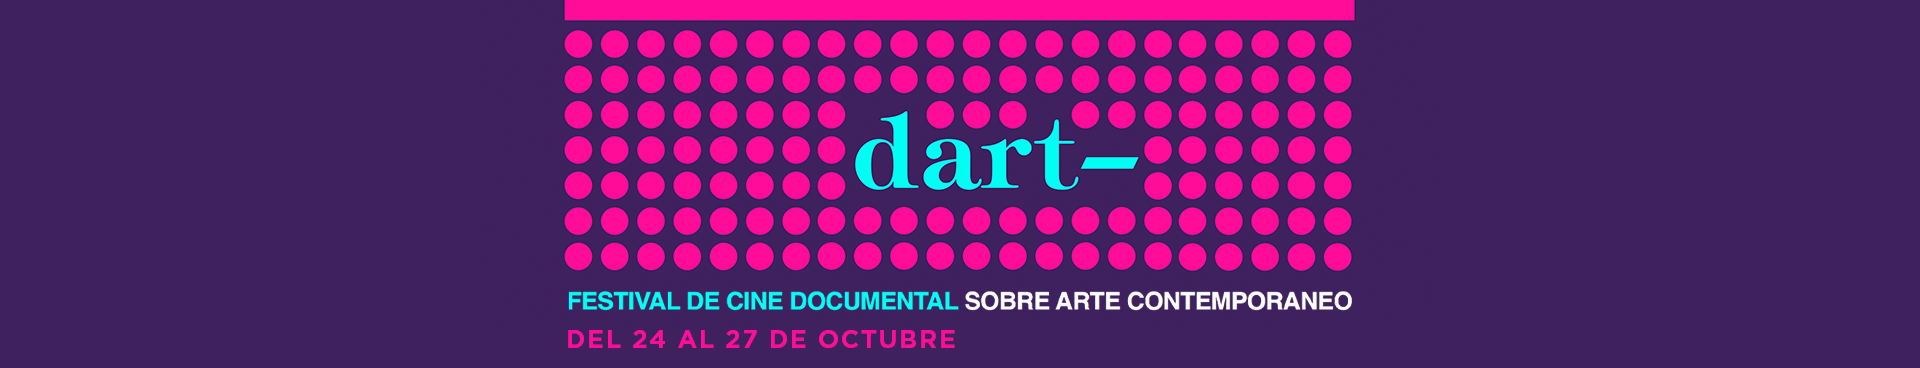 FESTIVAL DART, DEL 24 AL 27 DE OCTUBRE